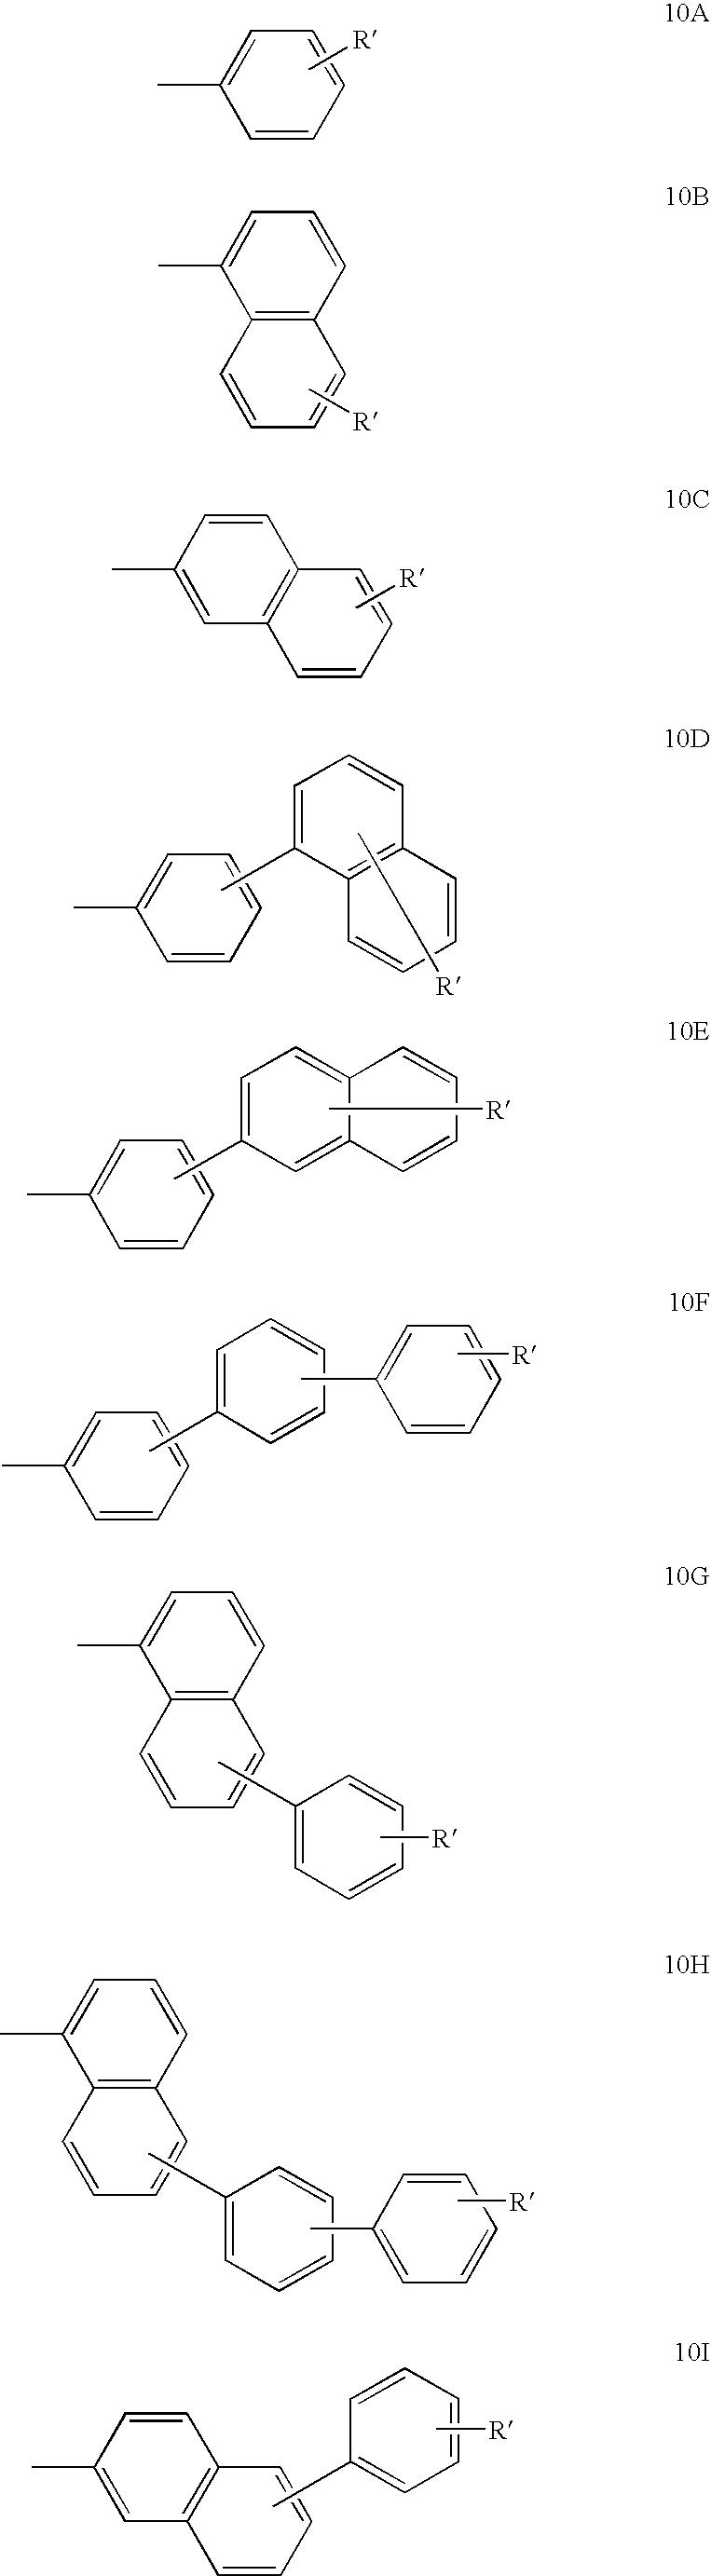 Figure US07875367-20110125-C00048